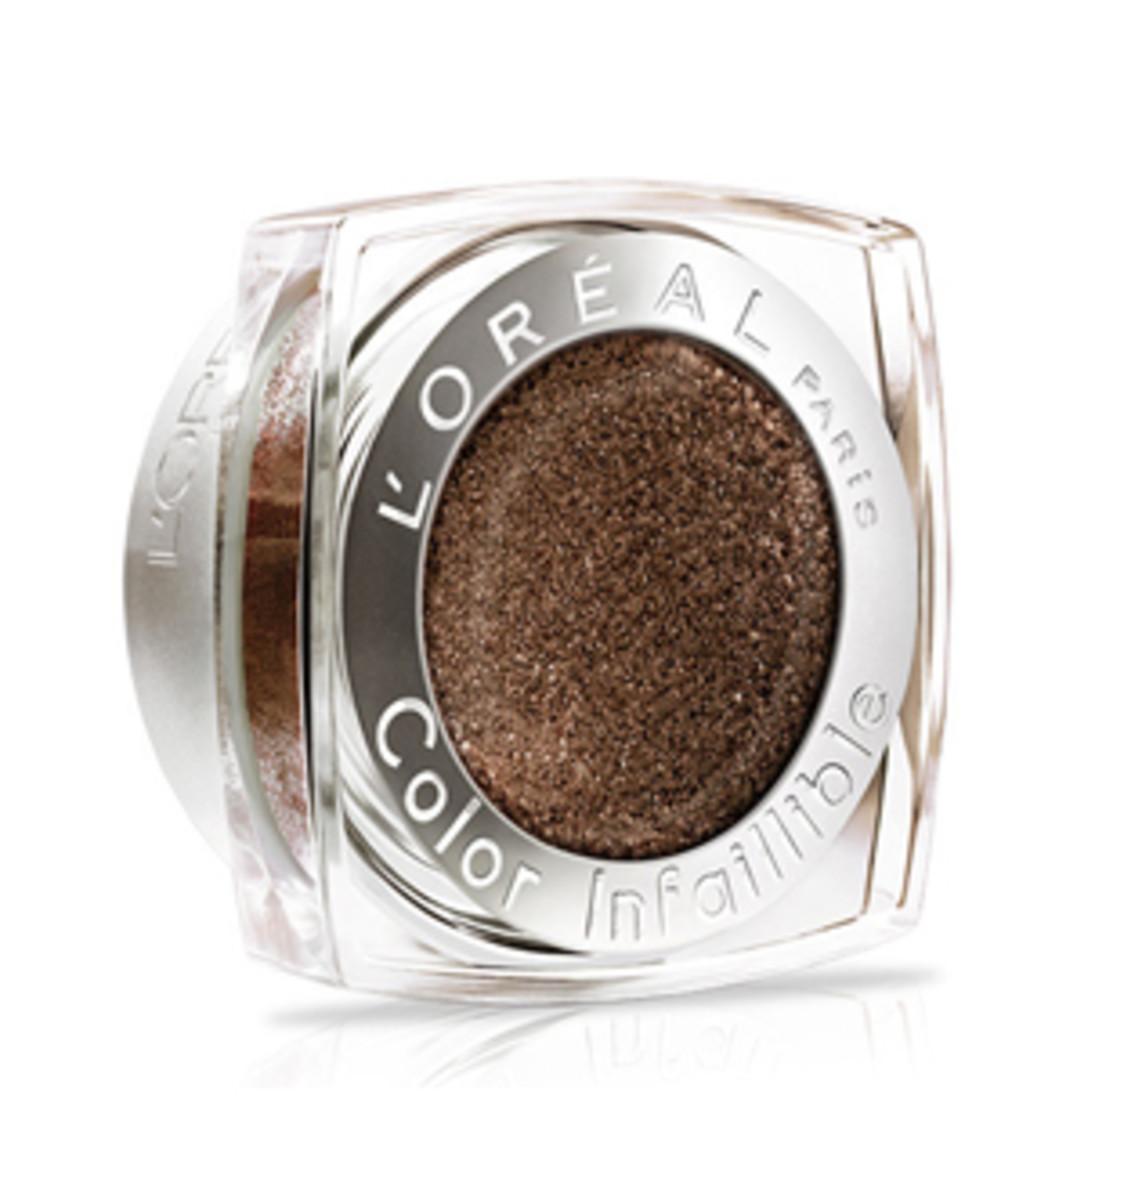 L'Oreal Paris Infallible Eyeshadow in Endless Chocolat